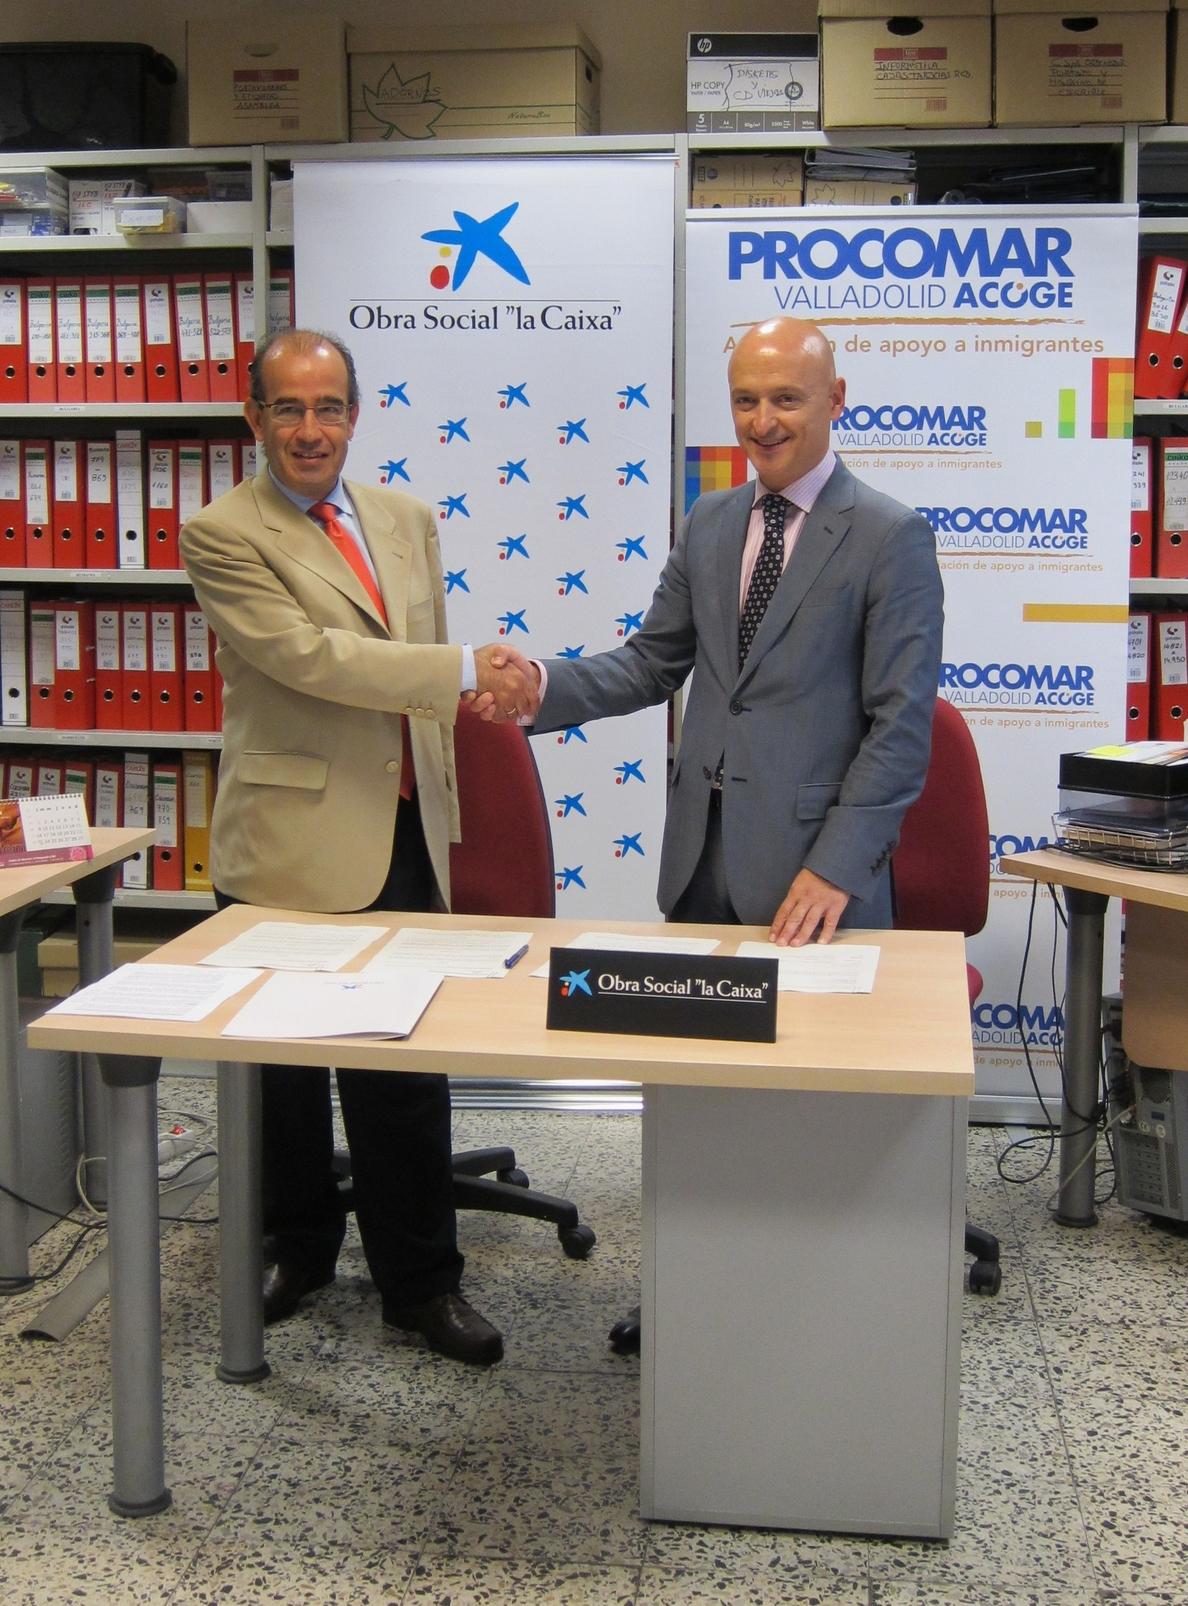 Procomar Valladolid Acoge hará frente a la vulnerabilidad de inmigrantes de larga estancia potenciando sus capacidades